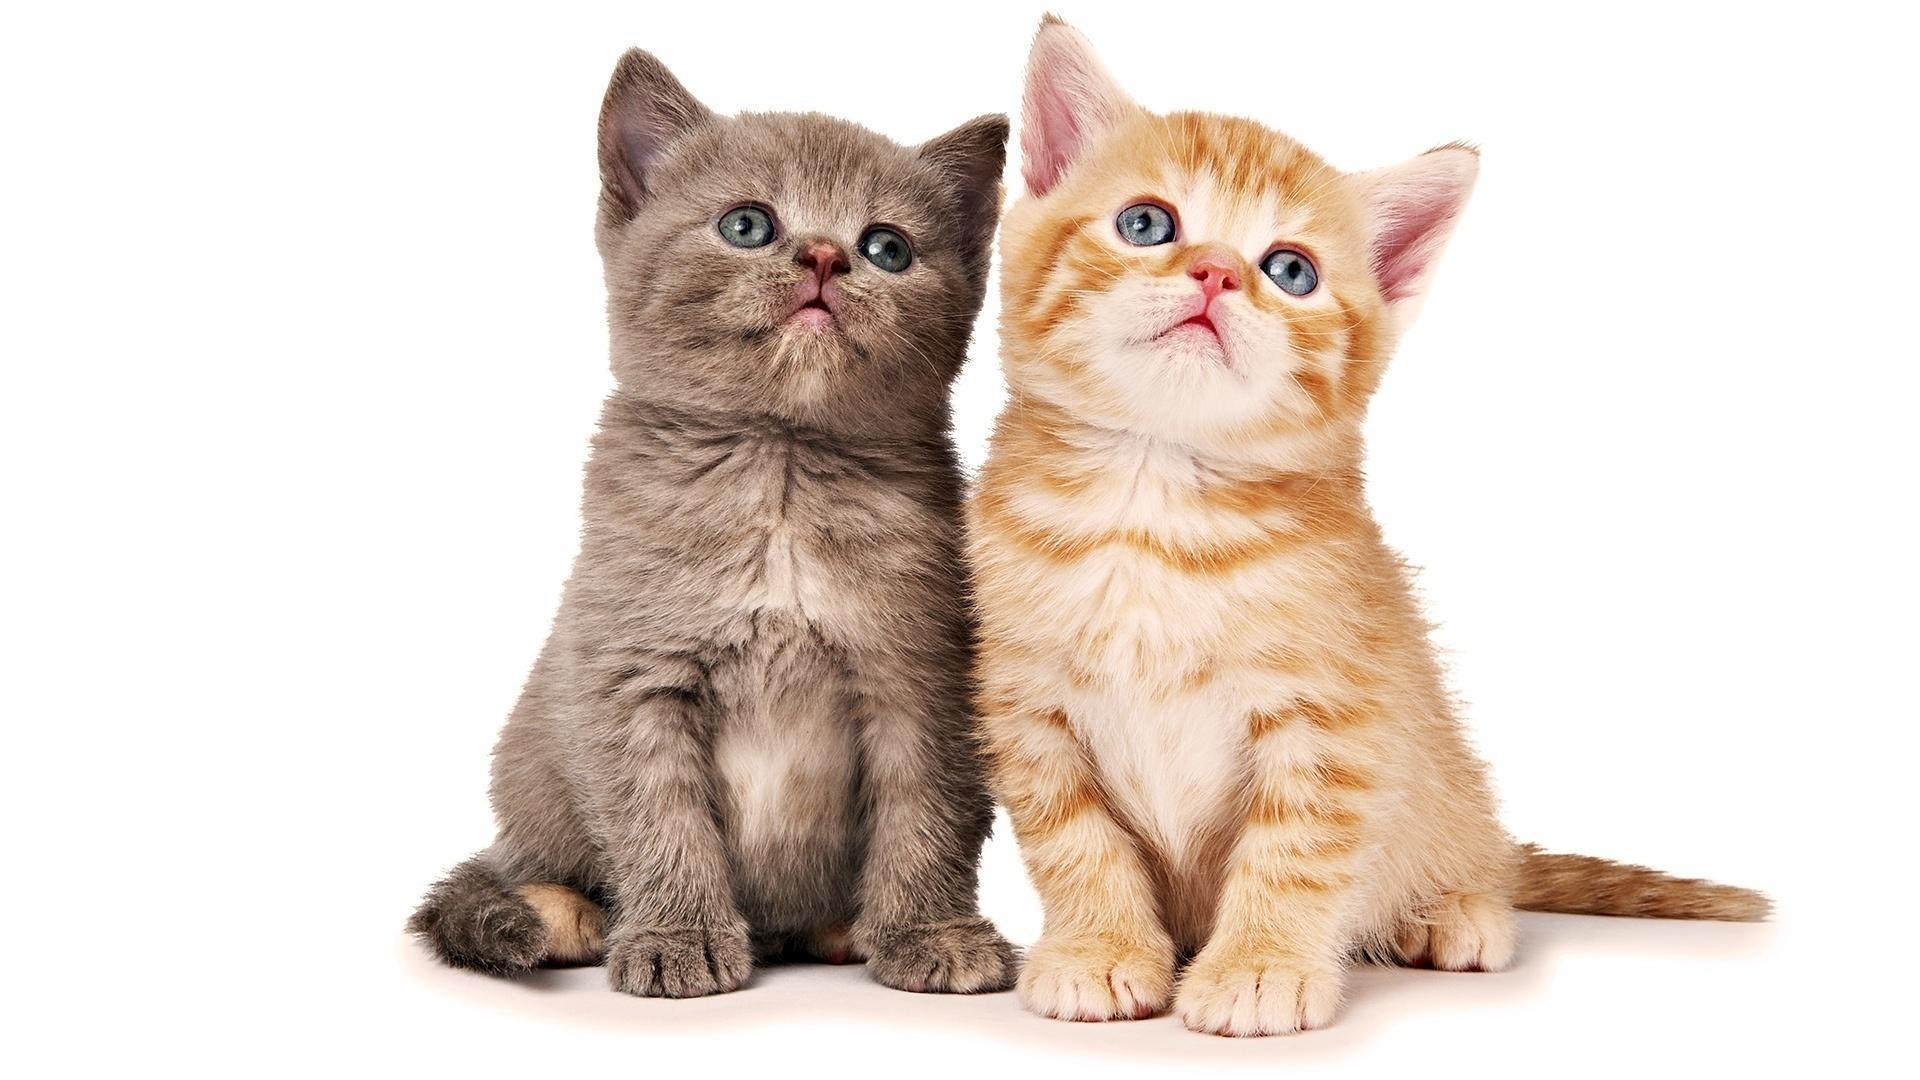 Hình nền hai chú mèo con ngơ ngác đẹp